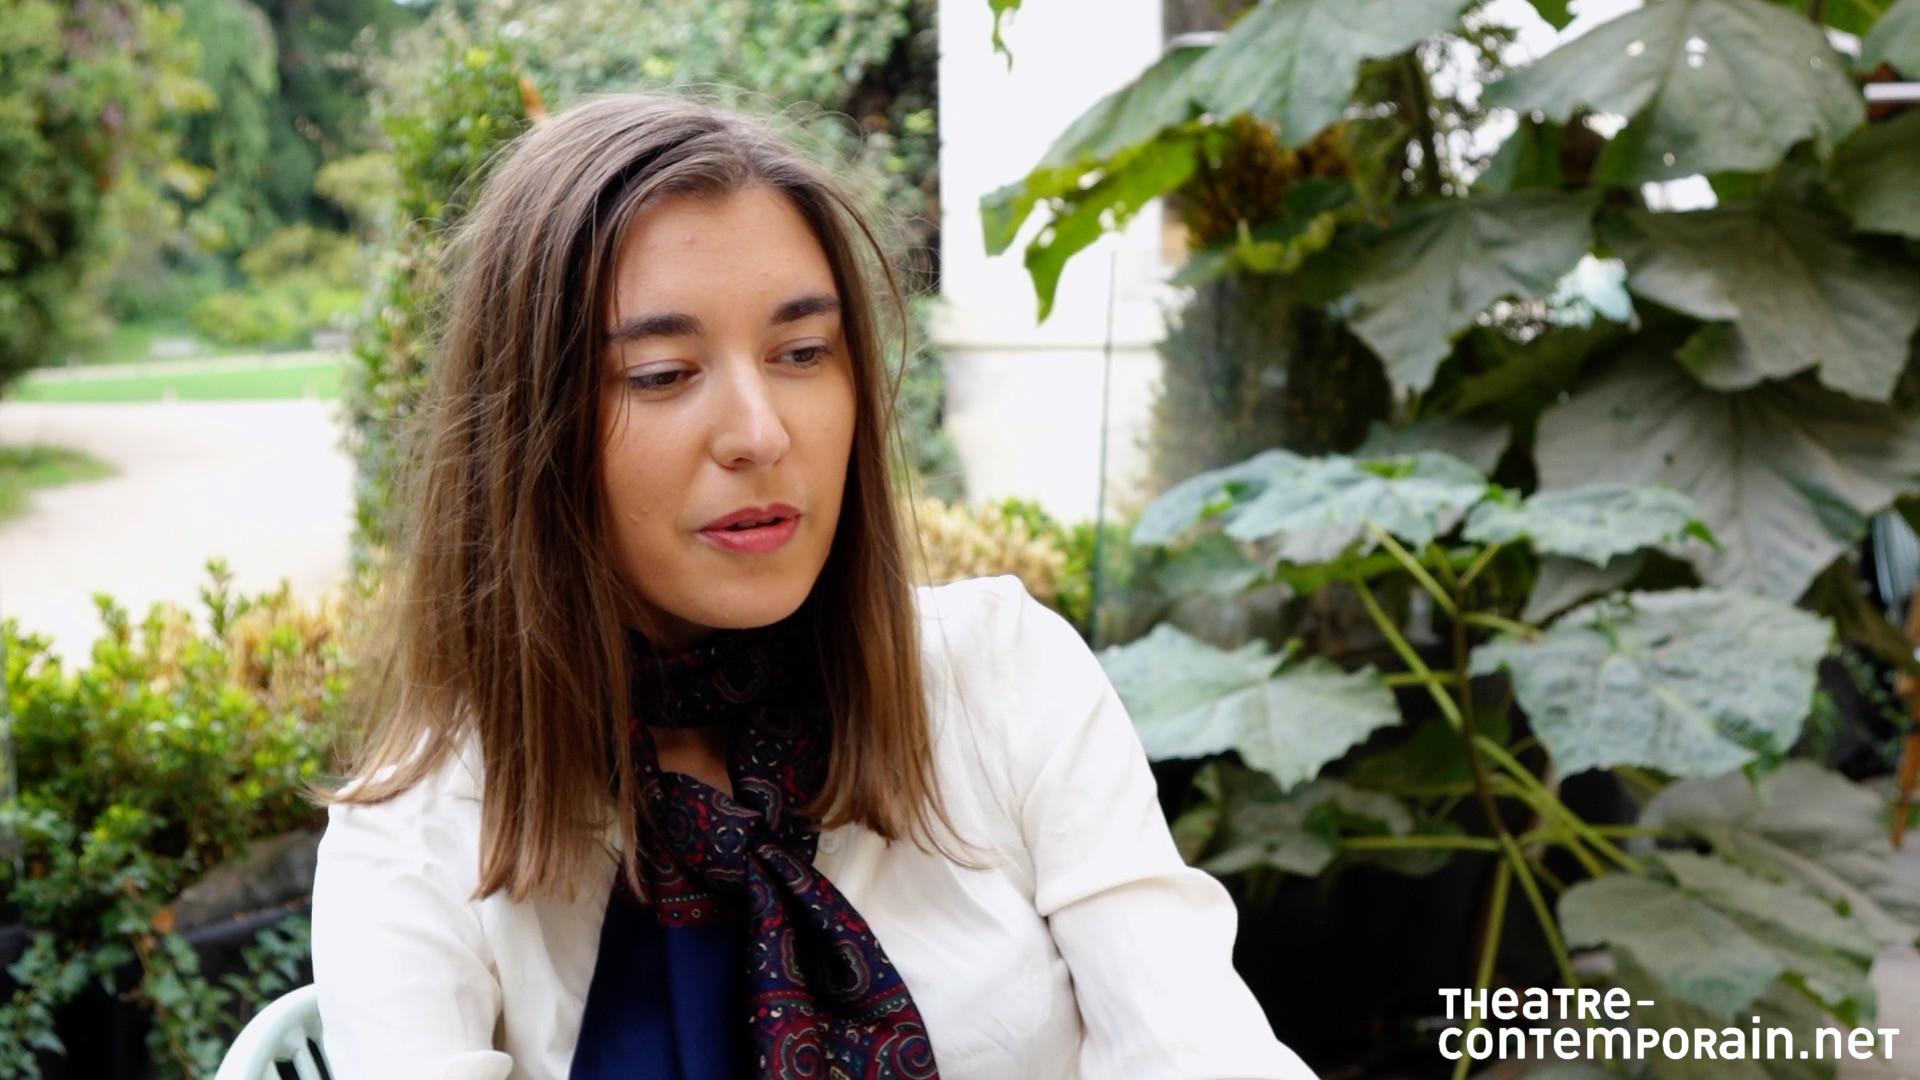 Ariane Von Berendt / La découverte du théâtre